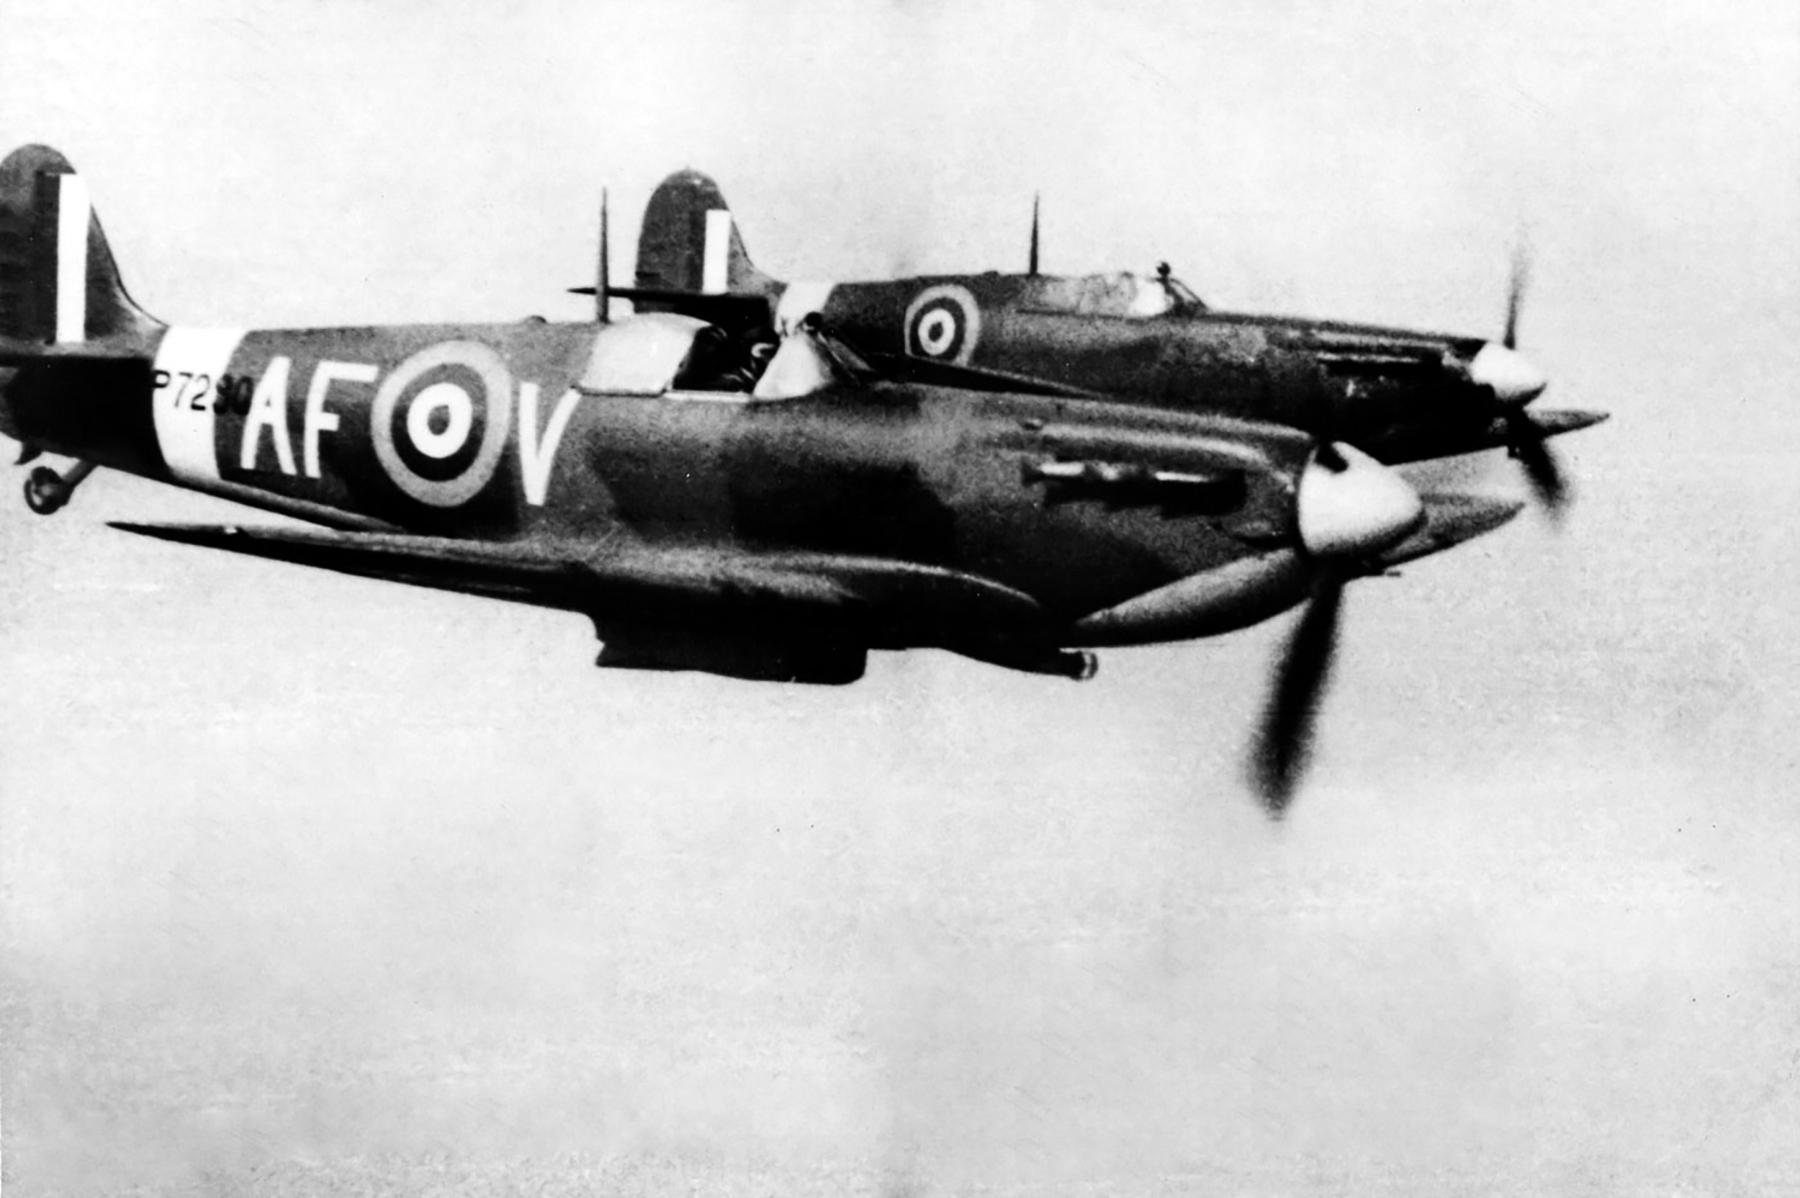 Spitfire MkII RAF AFDU AFV P7290 Duxford England 6th Apr 1942 02